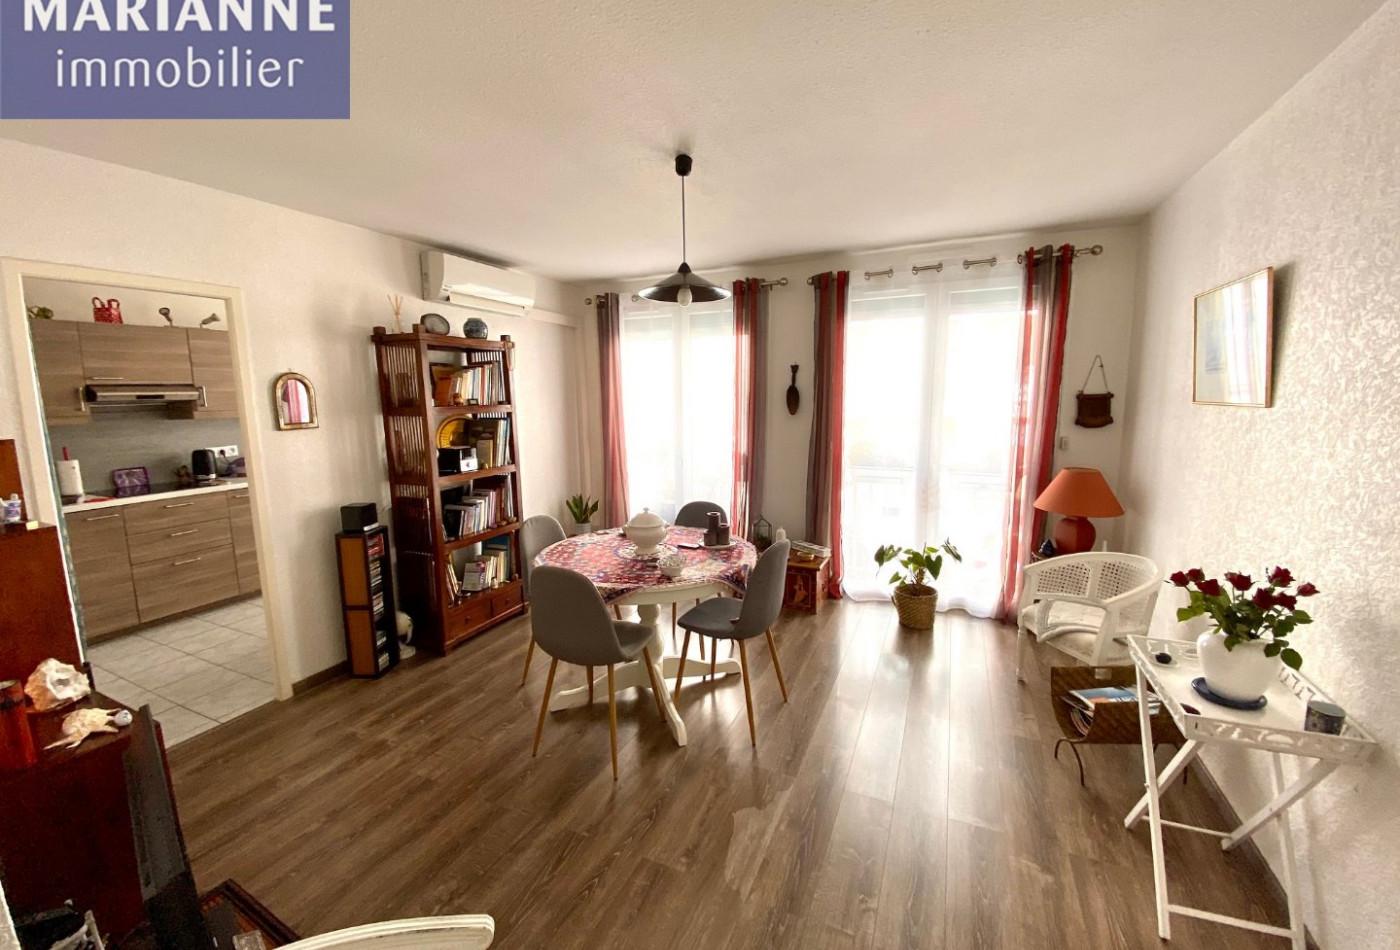 A vendre  Sete | Réf 344176210 - Marianne immobilier